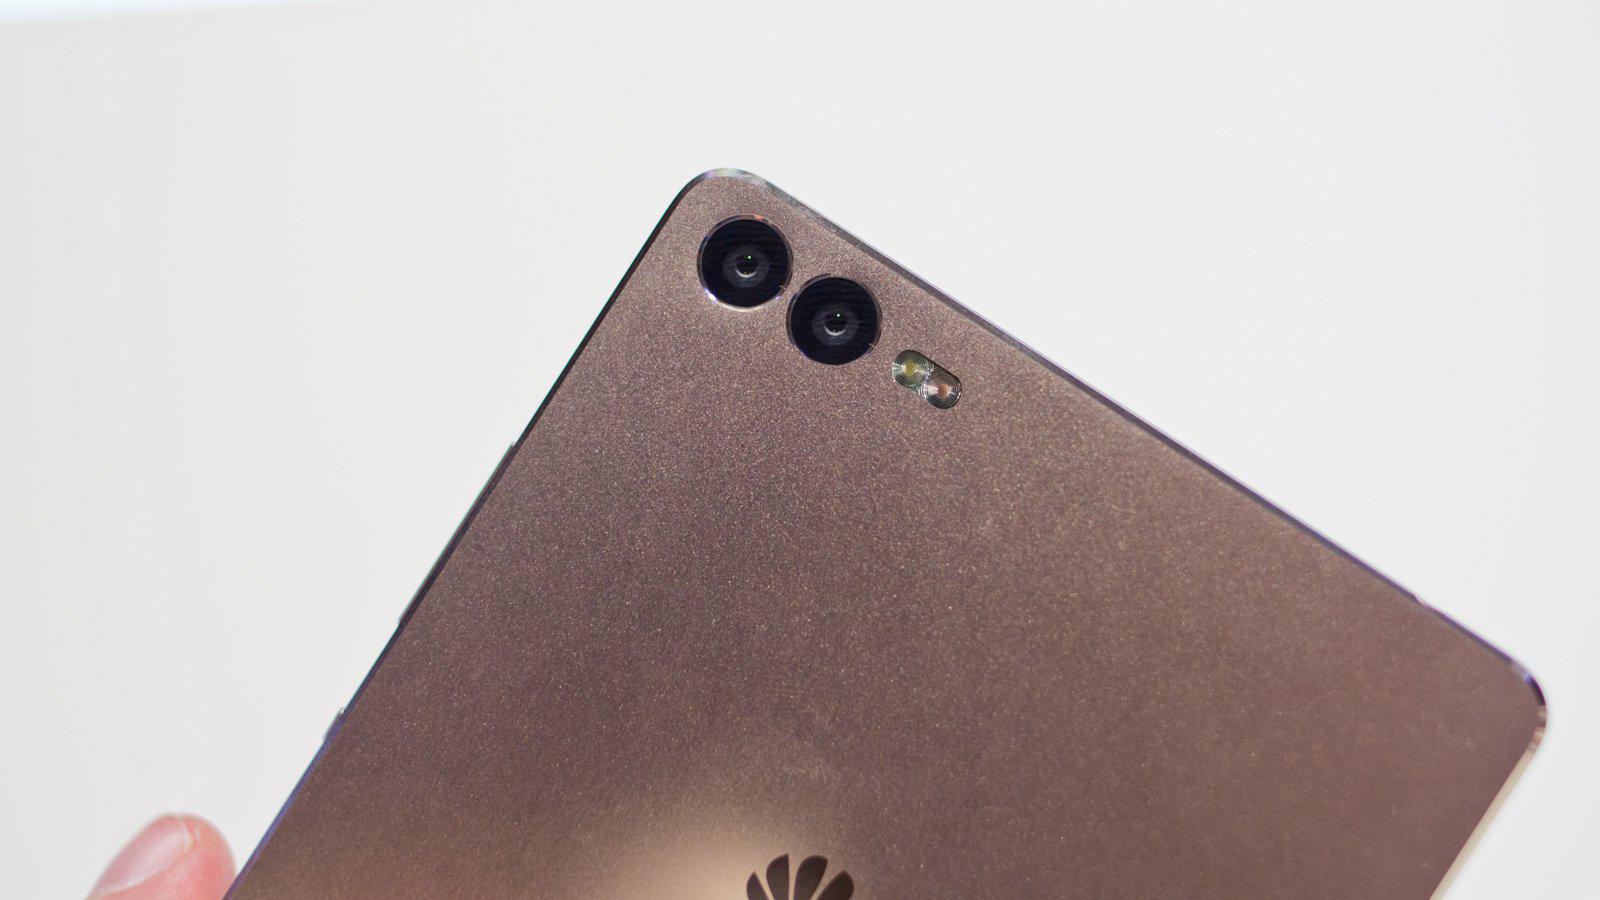 Huawei P9 Pics leaked